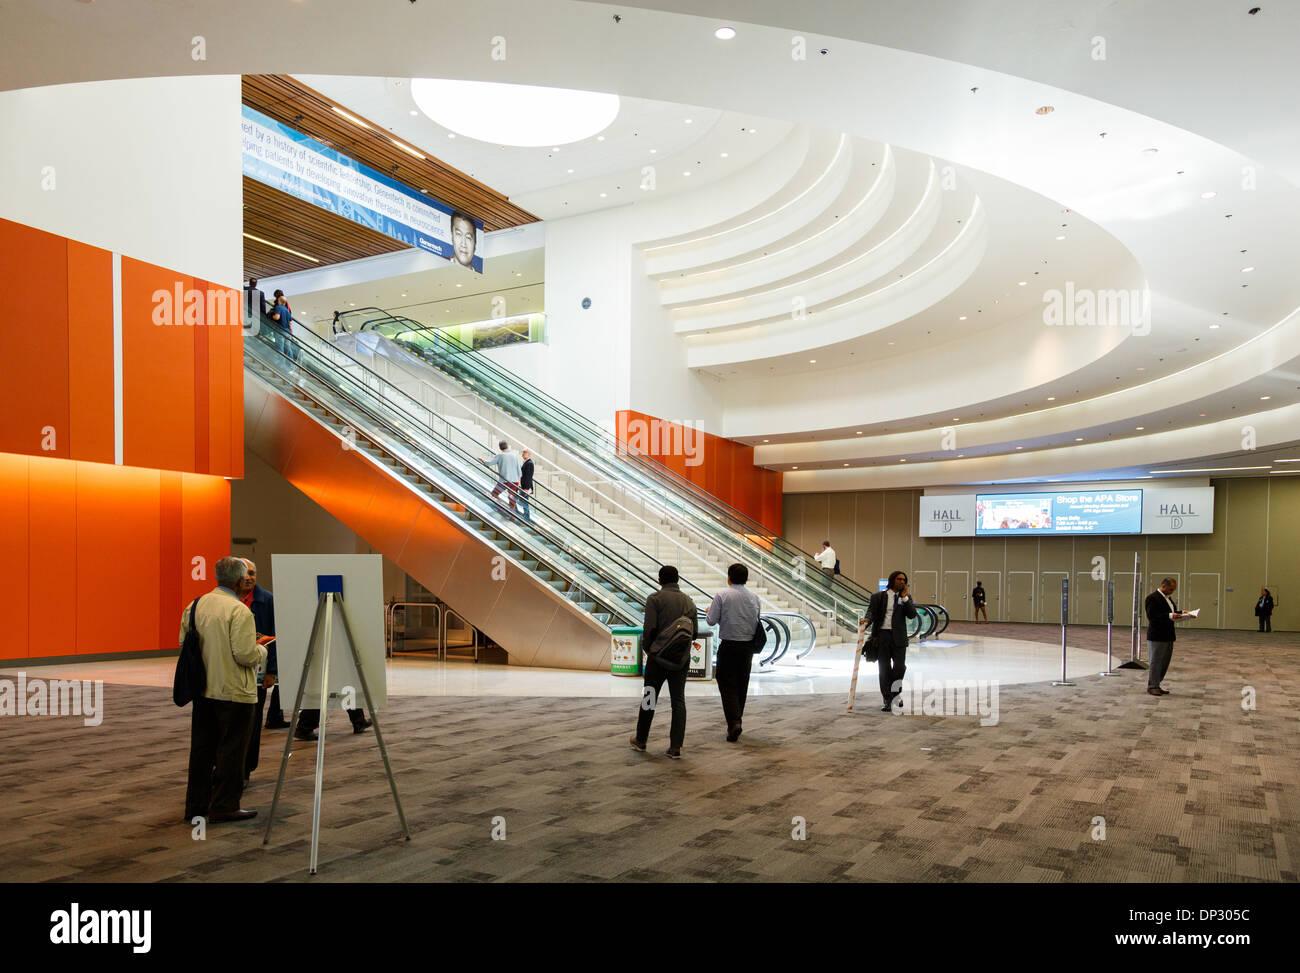 Interno del Moscone Center, il più grande complesso fieristico e congressuale a San Francisco, California. Foto Stock